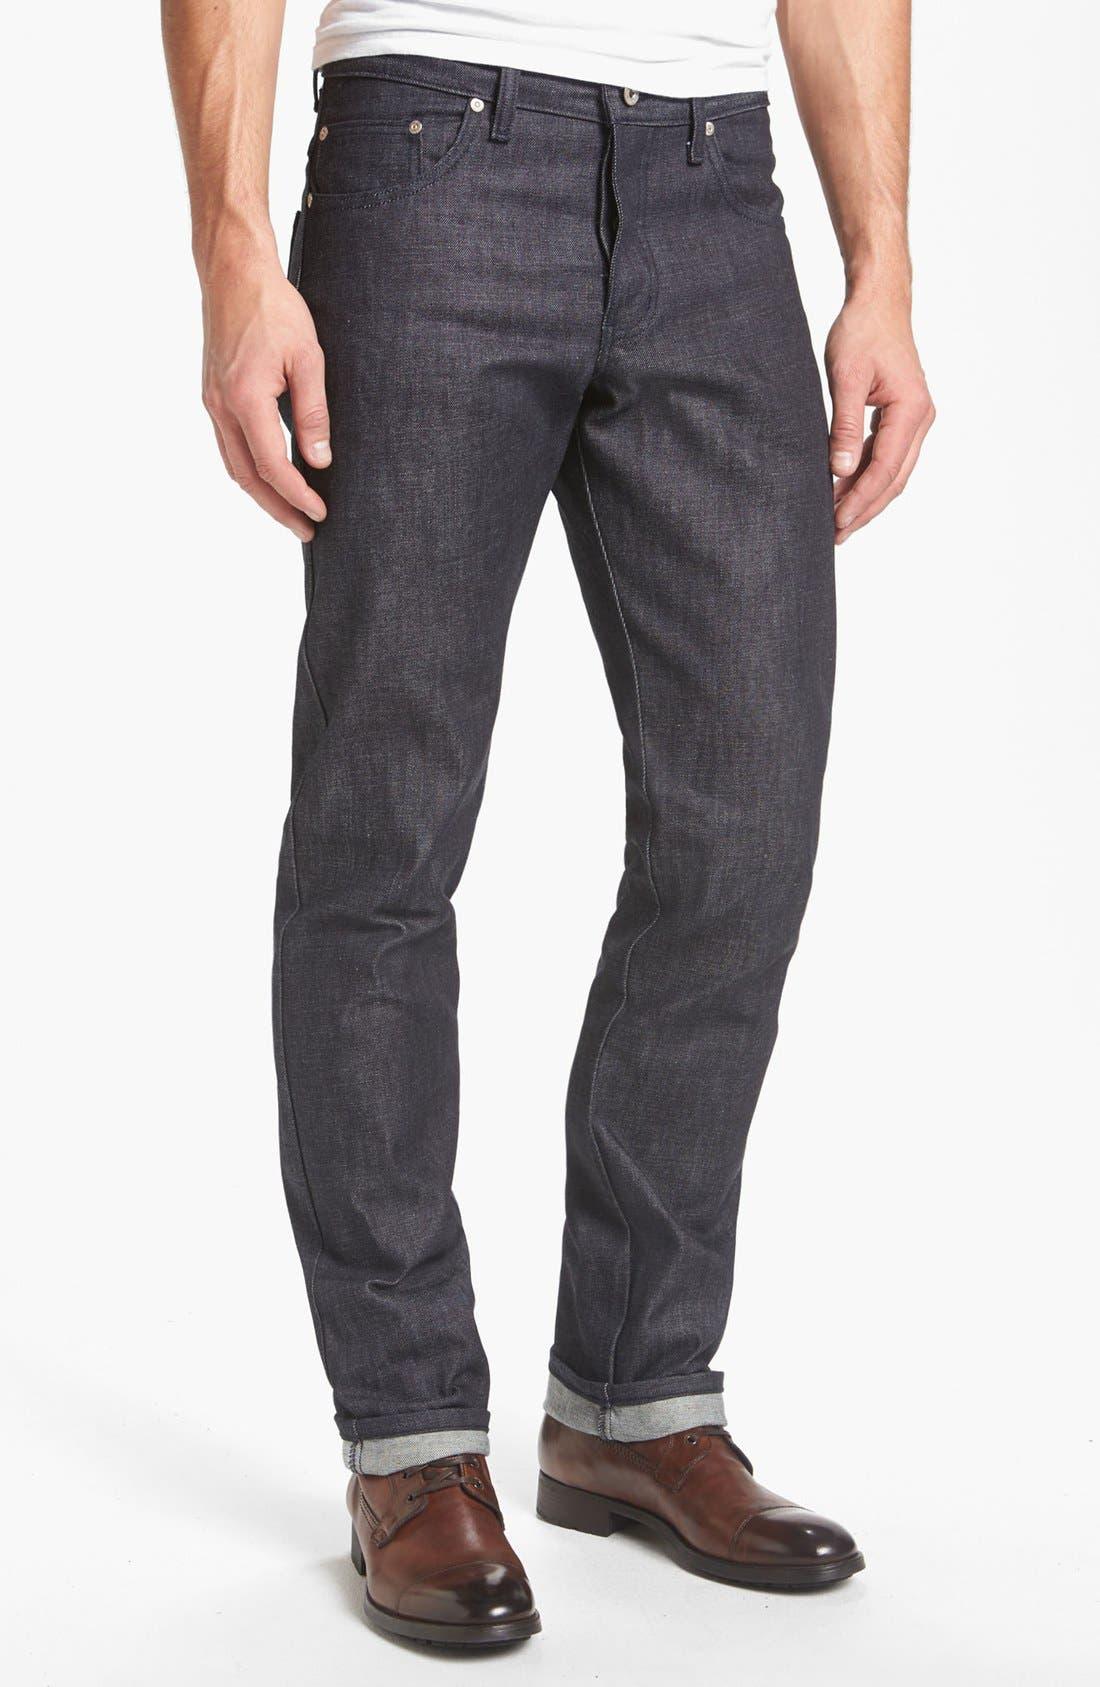 Alternate Image 2  - Naked & Famous Denim 'Slim Guy' Straight Leg Raw Jeans (Natural Denim) (Online Only)